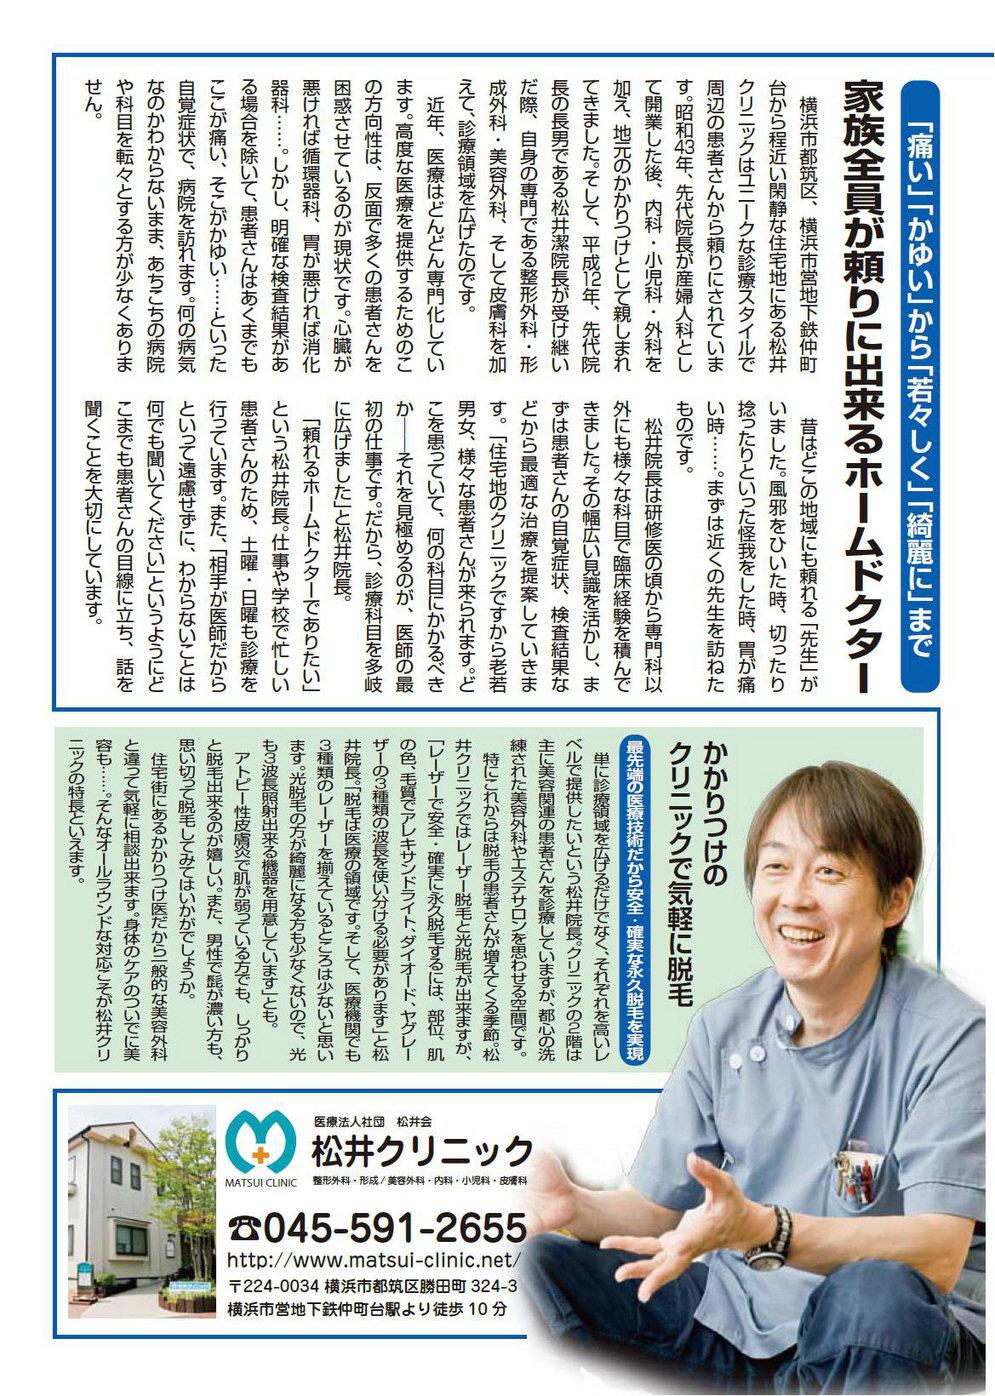 「TVホスピタル 6月号」にて紹介されました画像02